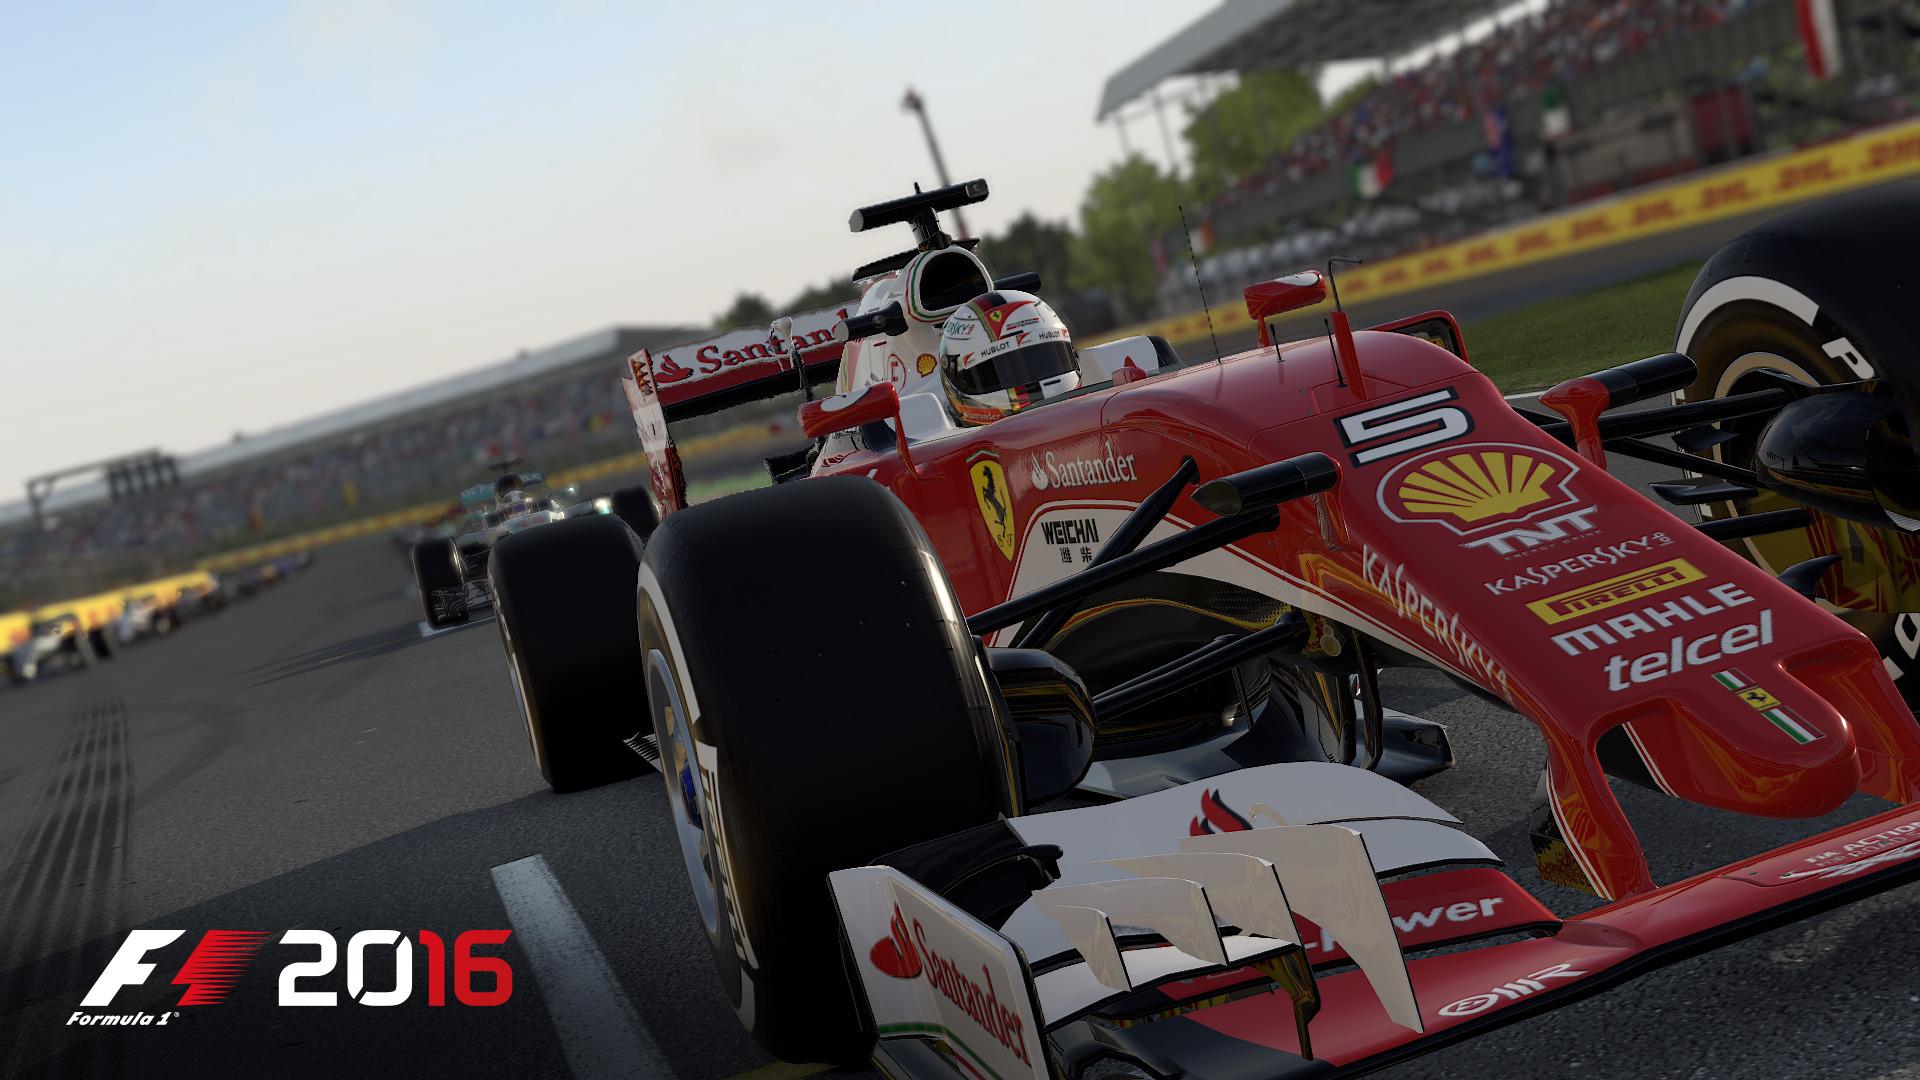 Minutový sestřih z F1 2016 127452